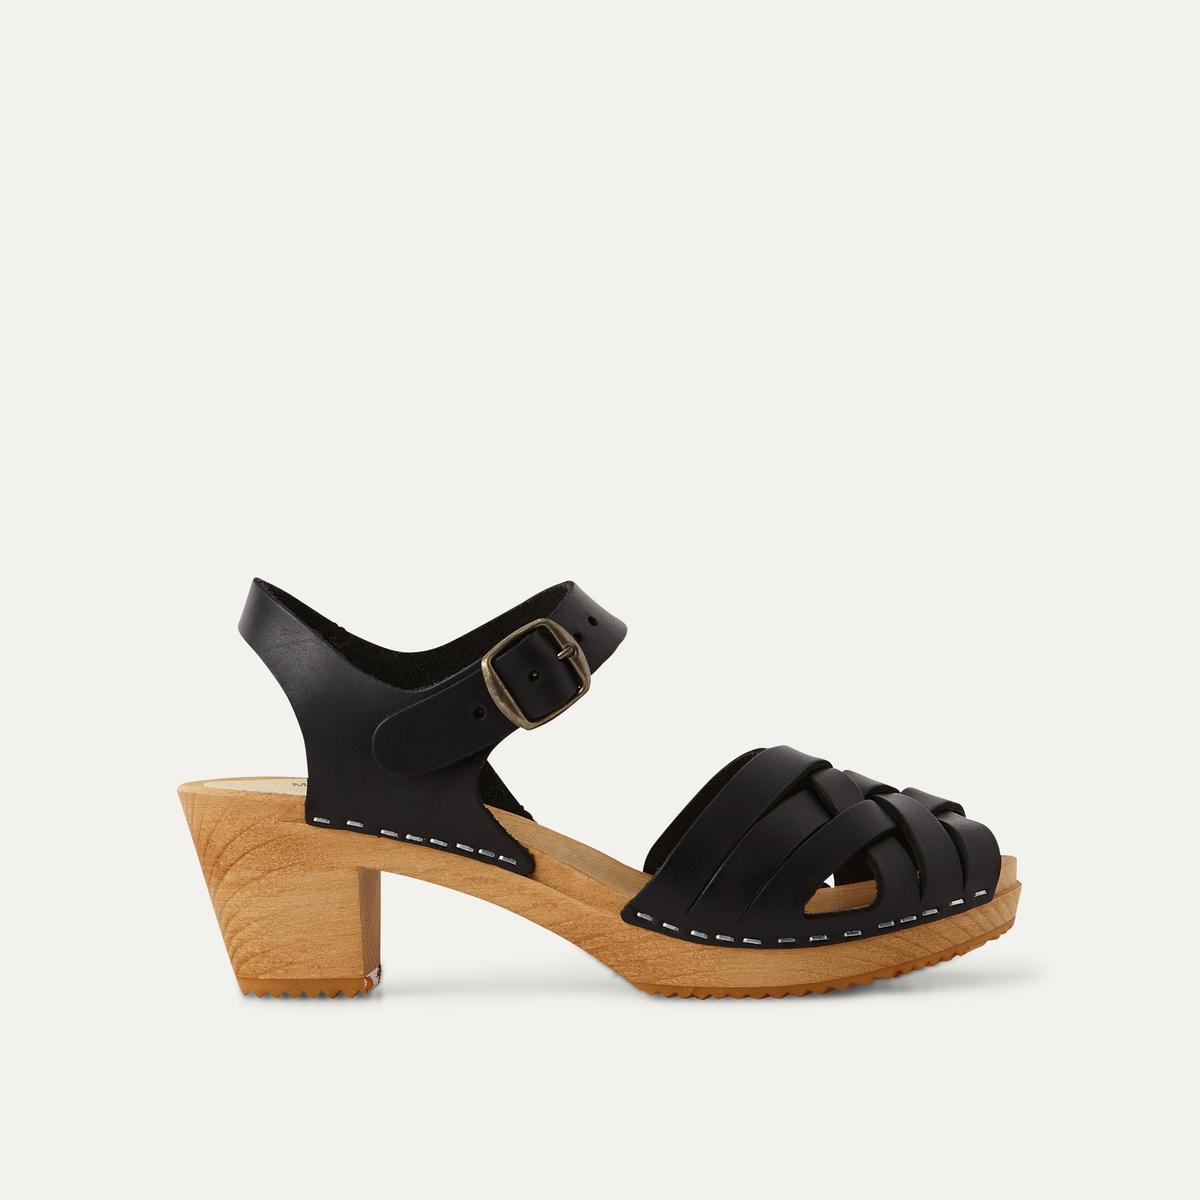 Босоножки La Redoute Кожаные с плетным мыском 41 черный туфли la redoute кожаные с открытым мыском и деталями золотистого цвета 41 черный